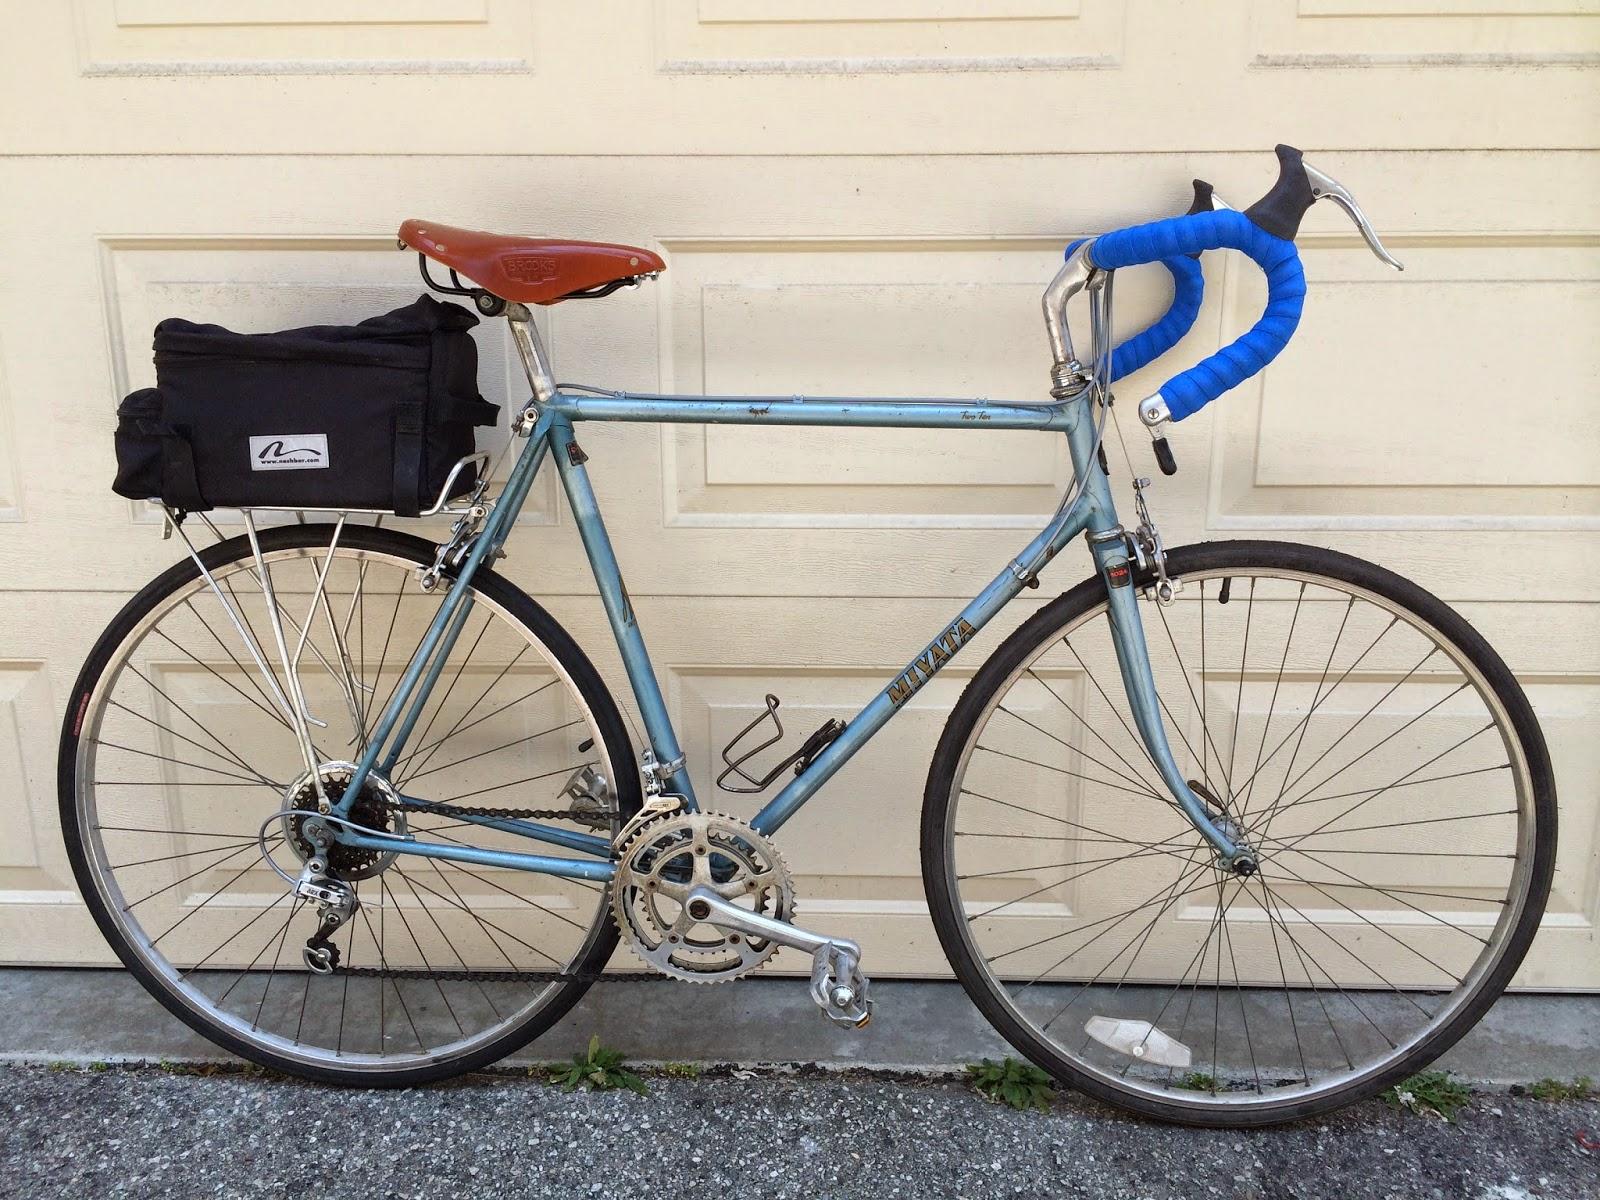 Lugs & Bugs: 1983 Miyata 210 Touring Bicycle